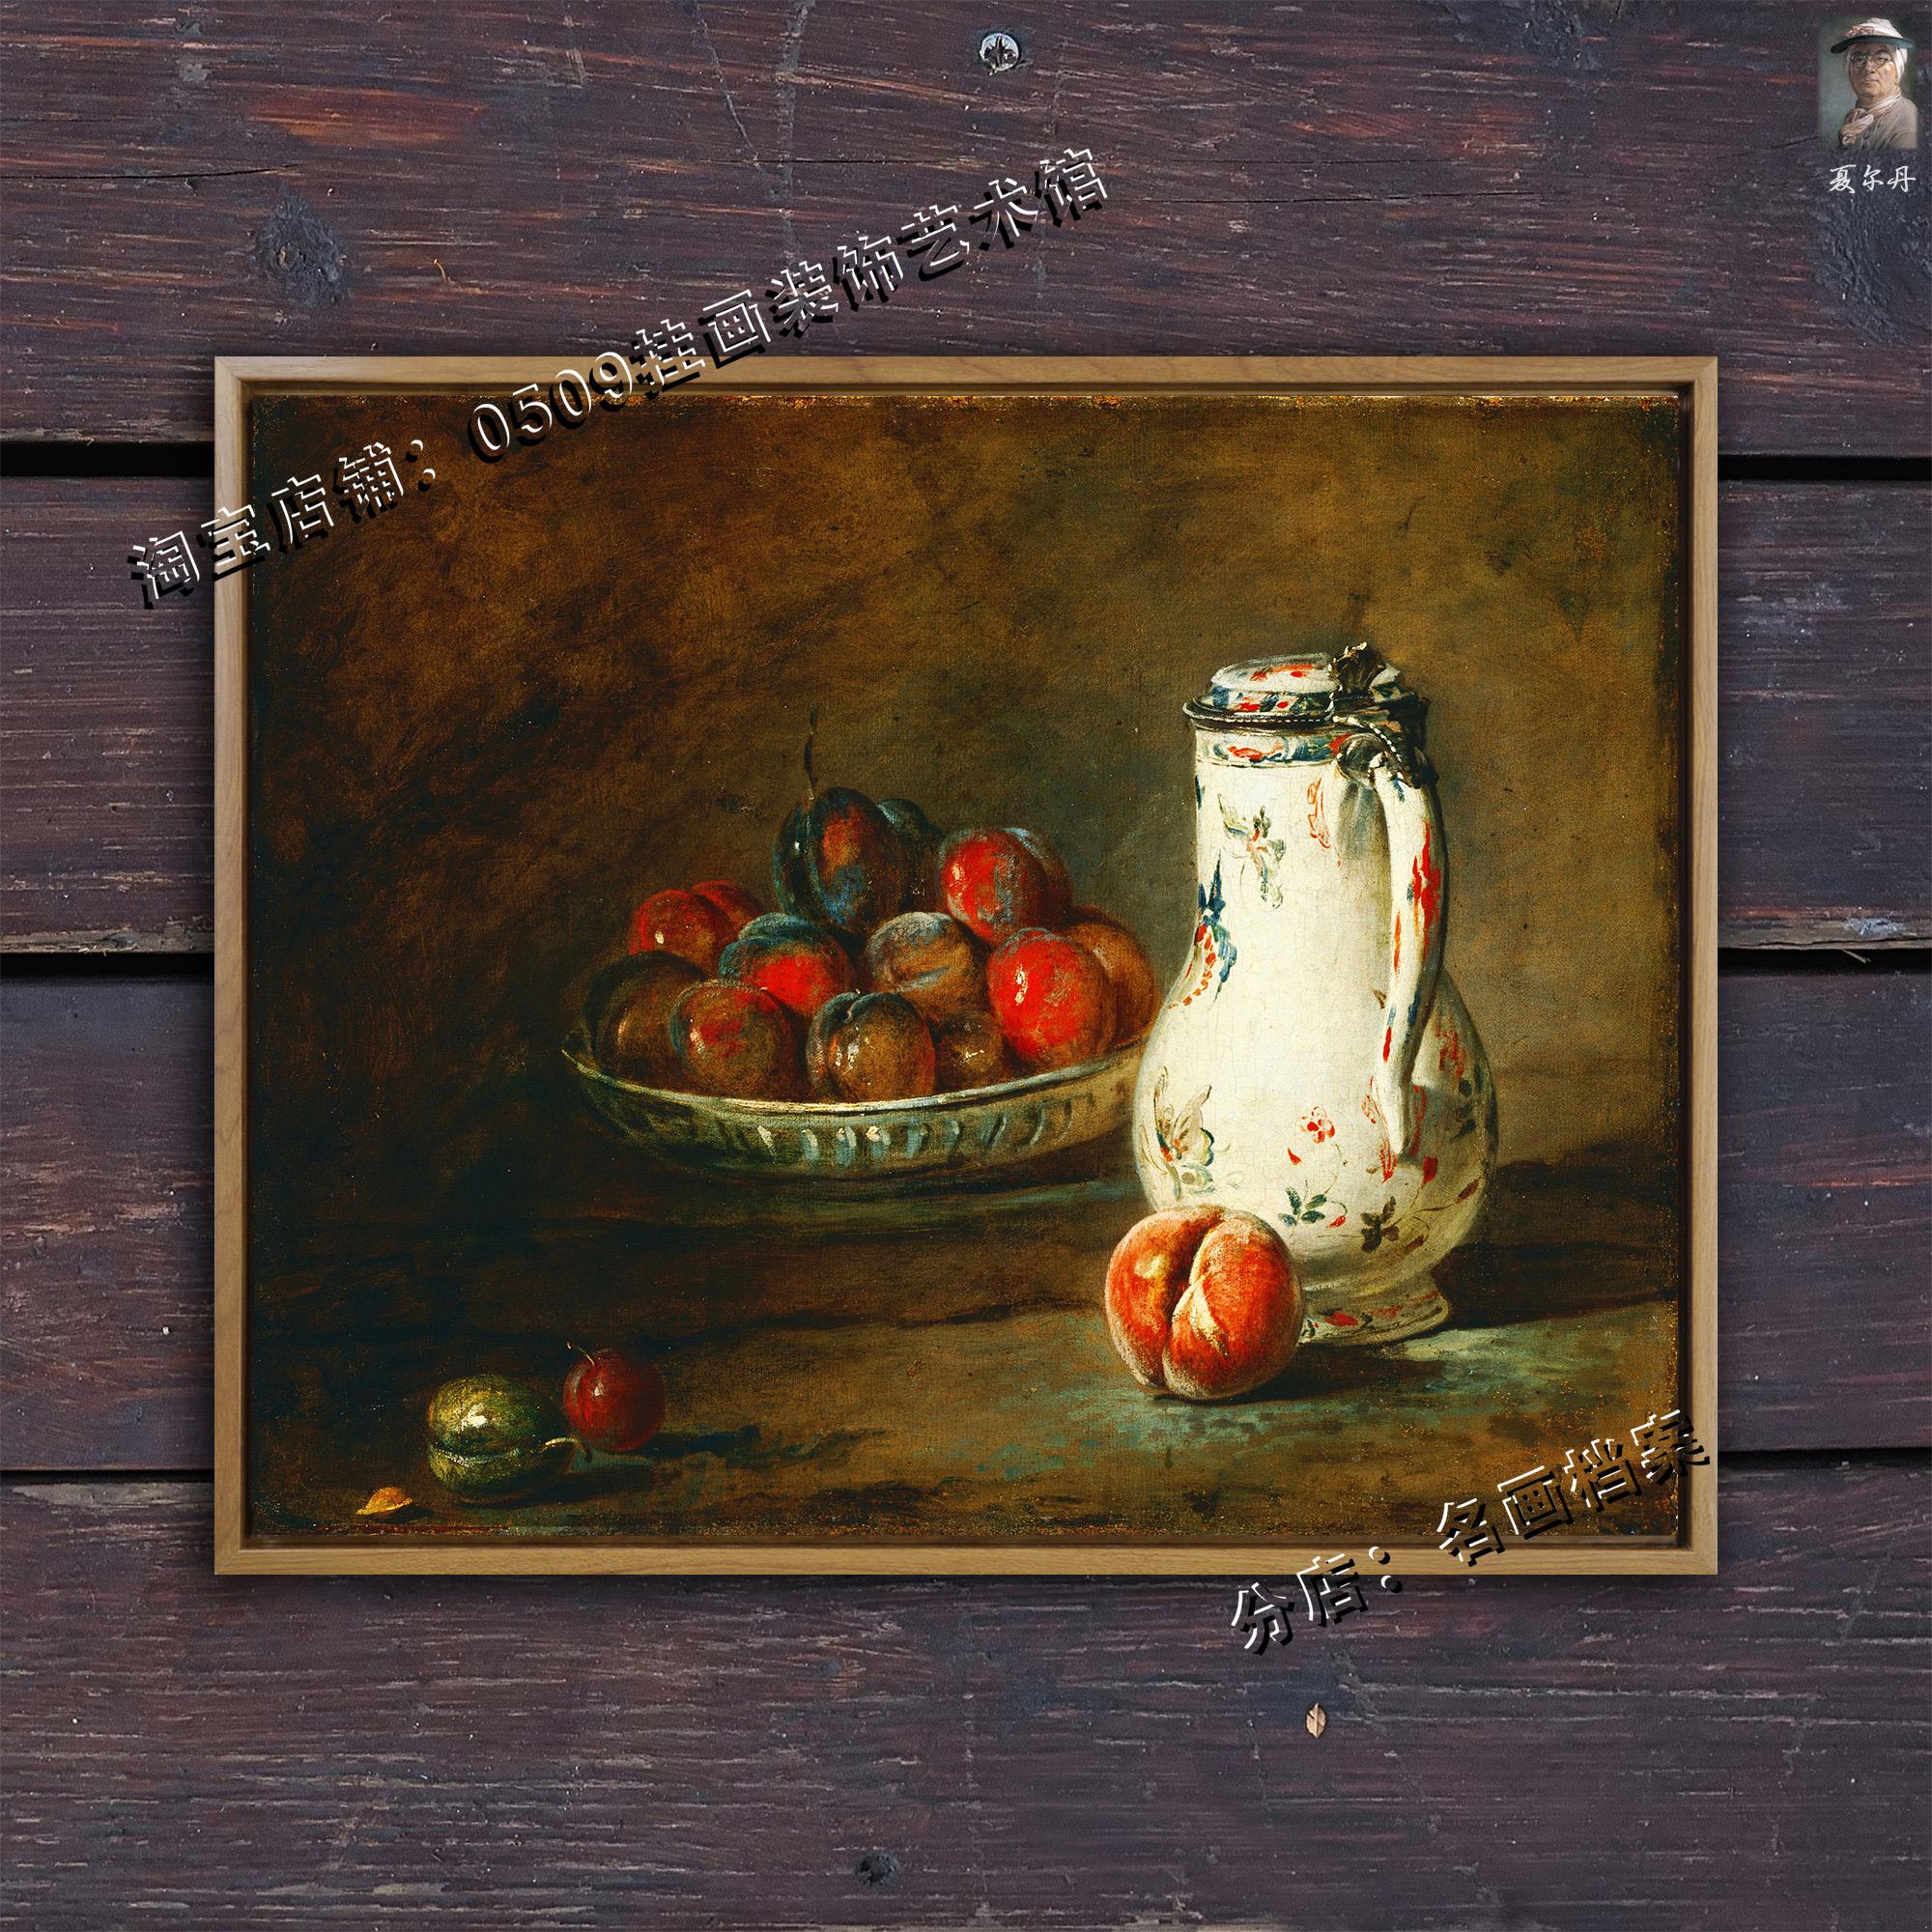 一碗洋梨 A Bowl of Plums 夏尔丹 Chardin 水果静物画 复古挂画